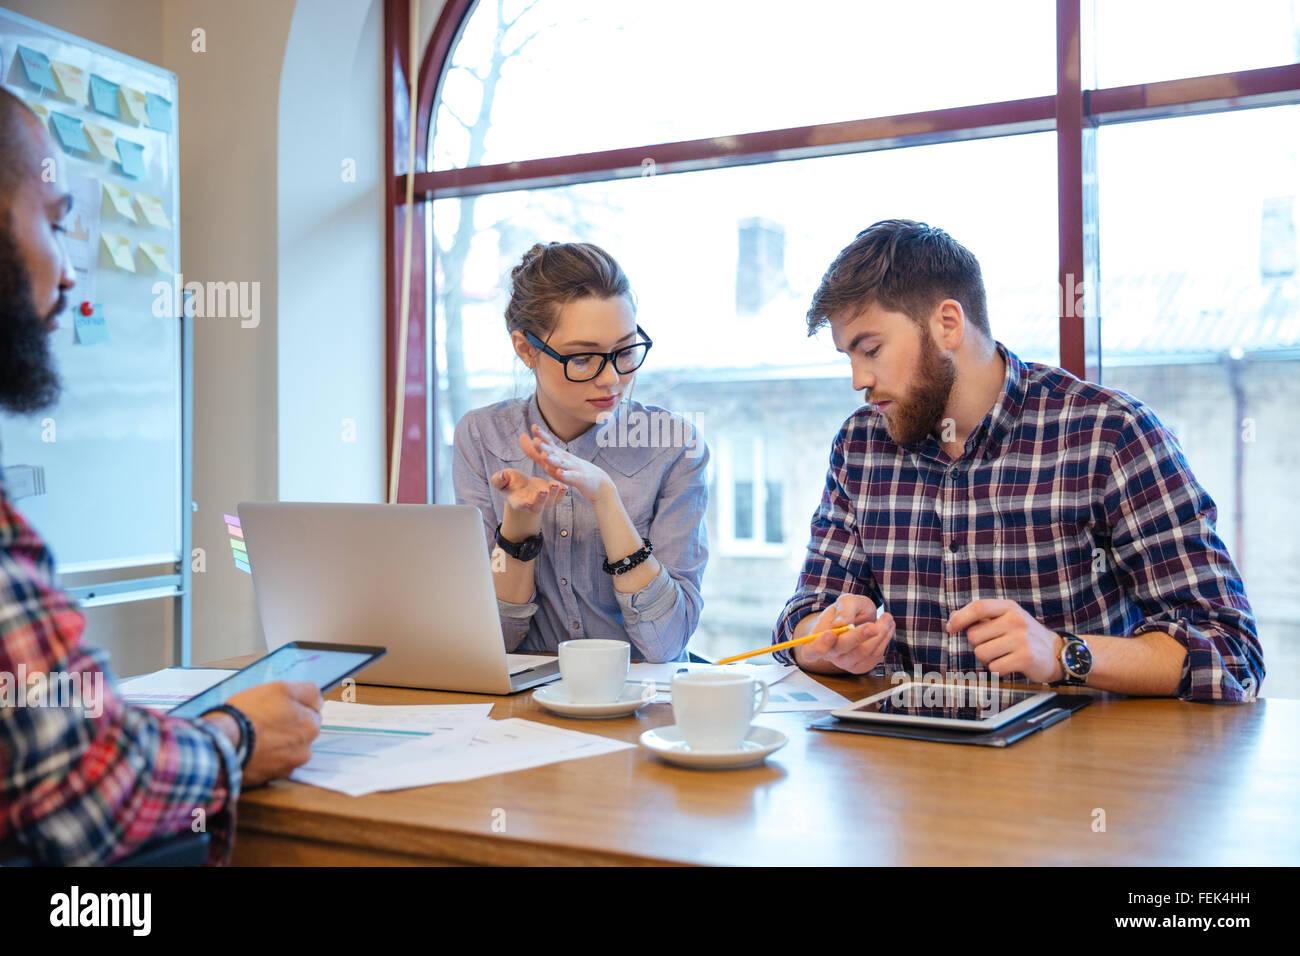 Multiethnische Gruppe von jungen Geschäftsleuten mit Brainstorming in Büro Stockbild